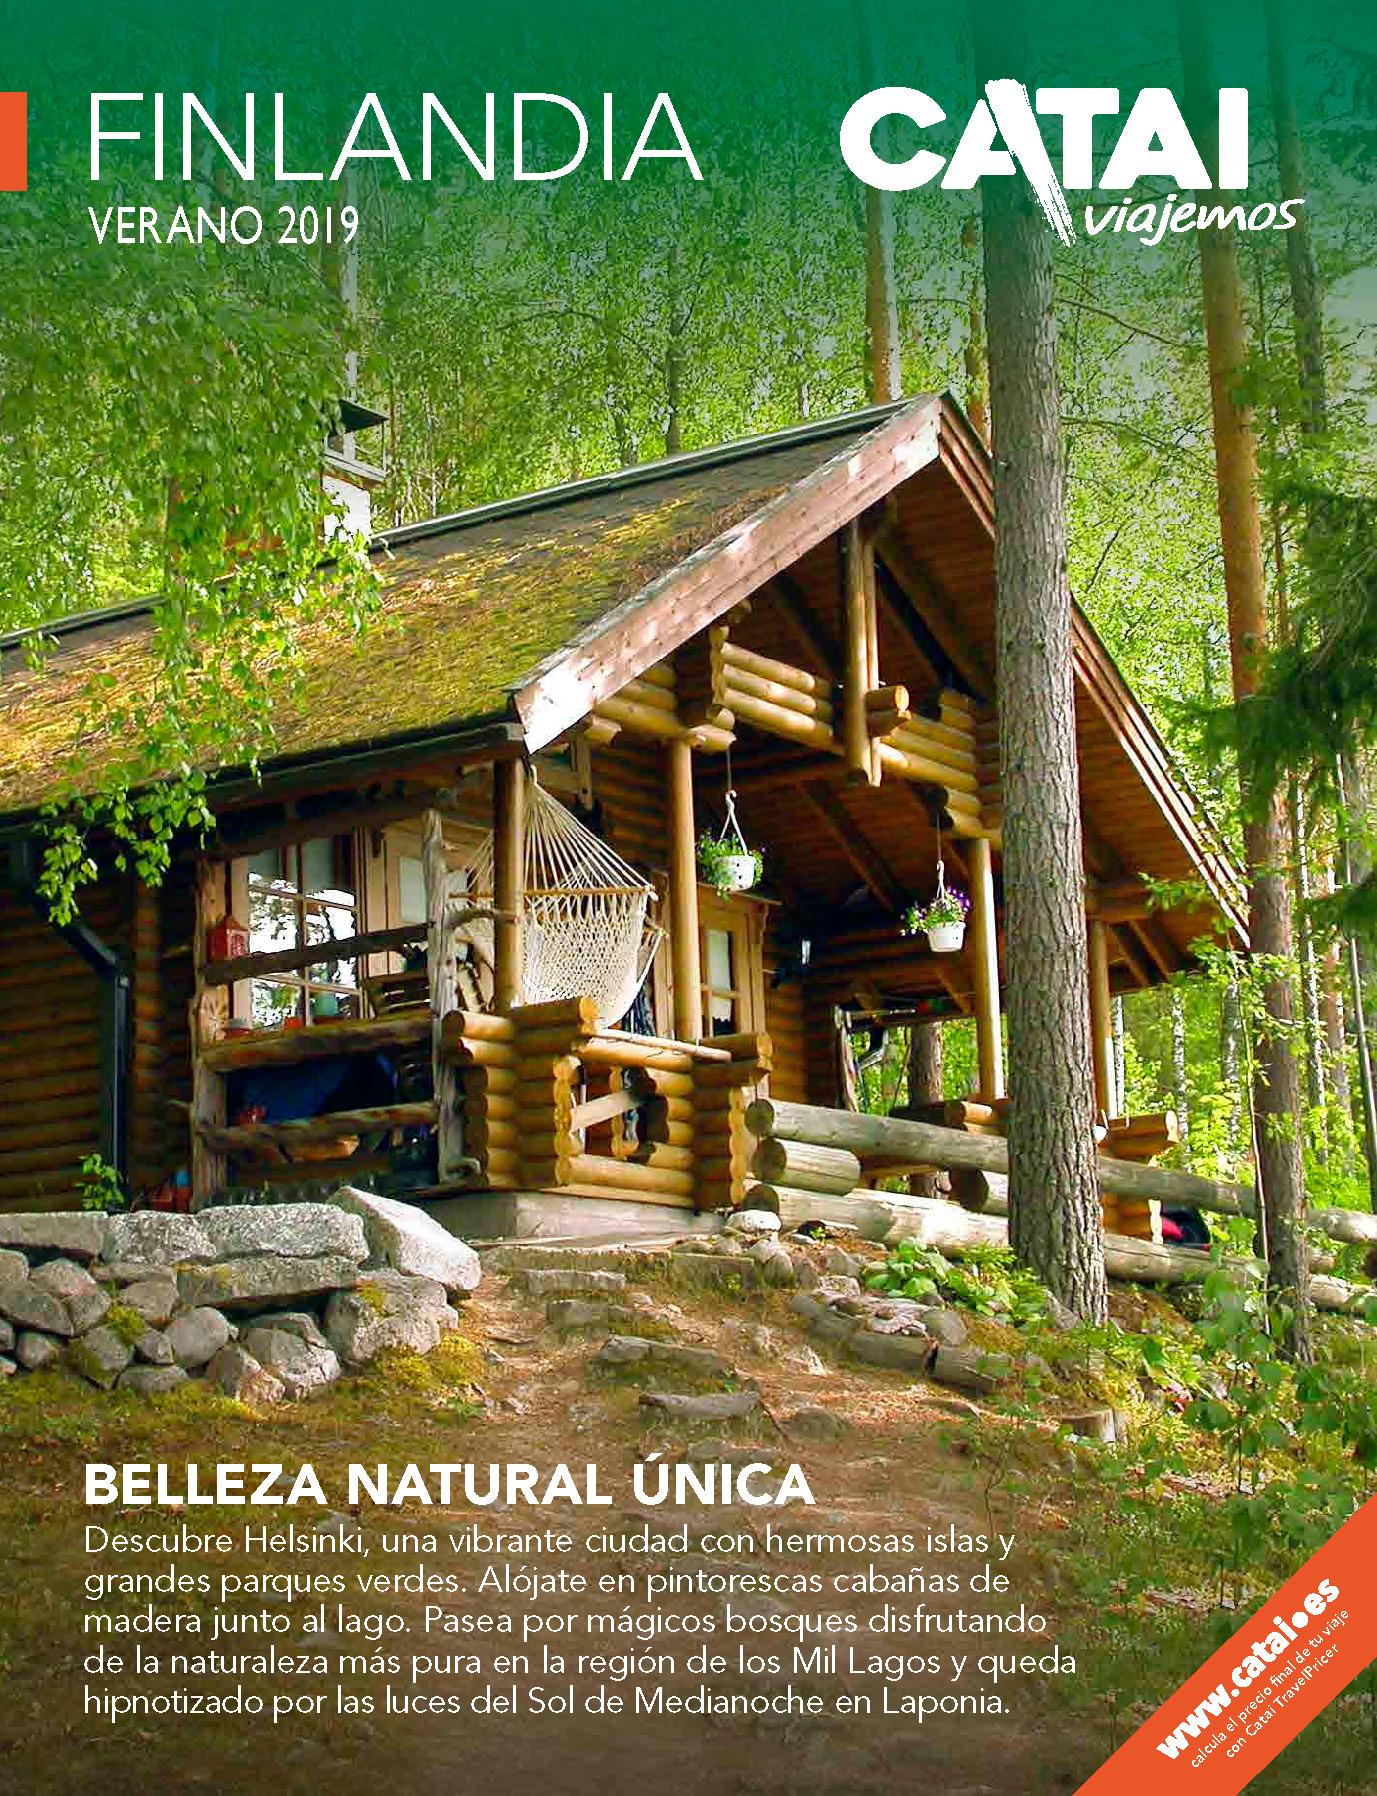 Catalogo Catai Finlandia Verano 2019